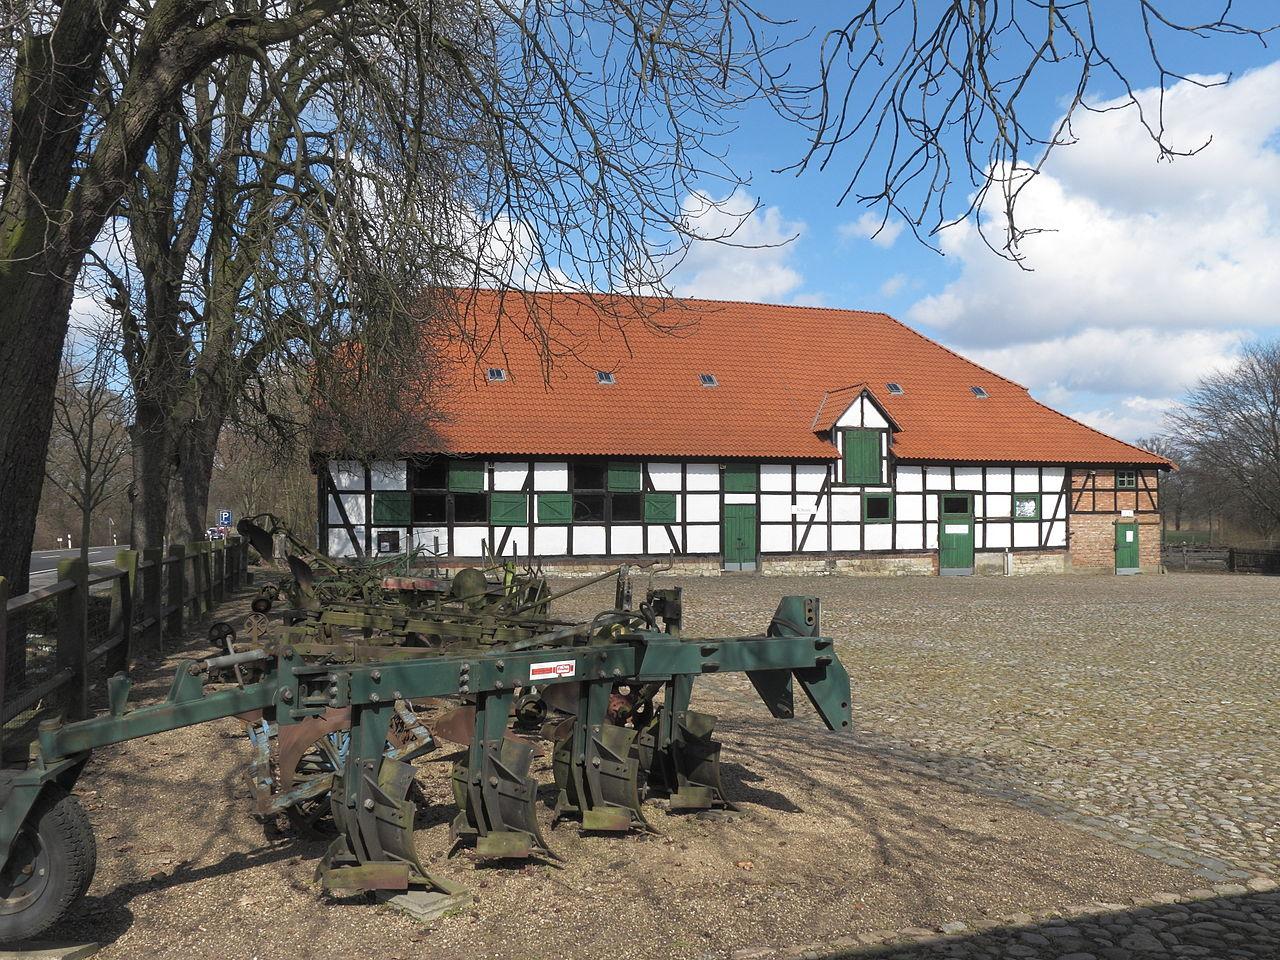 Bild Landtechnik Museum Gut Steinhof Braunschweig